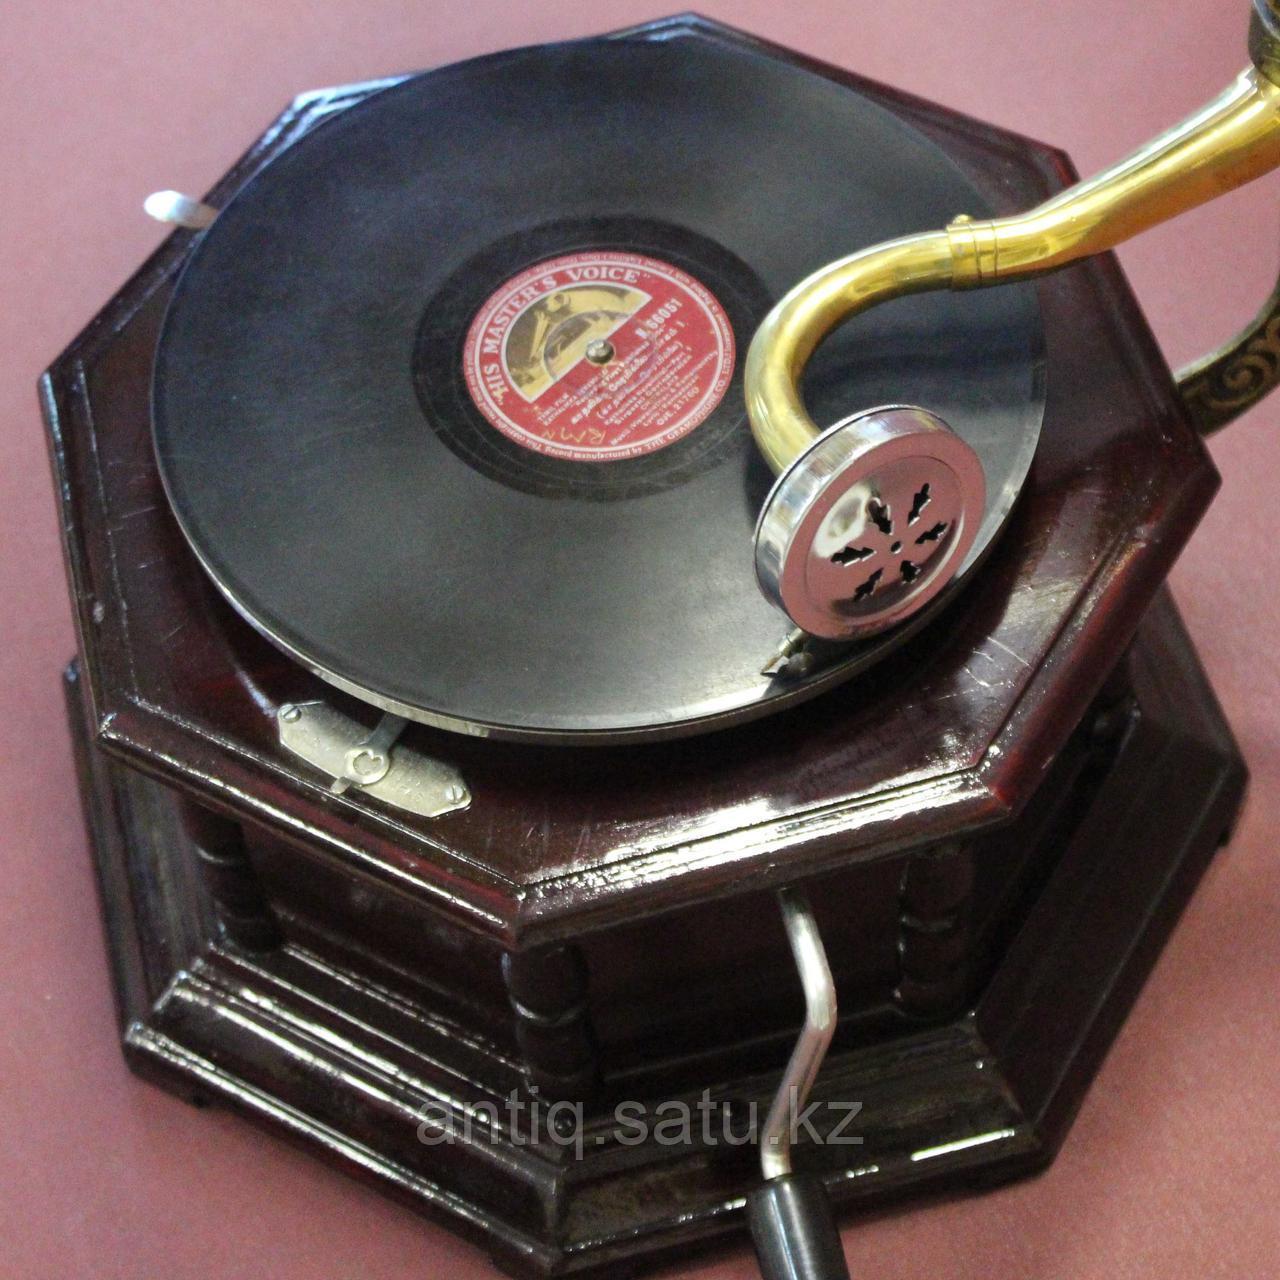 Граммофон. 5 старинных пластинок в подарок покупателю. - фото 4